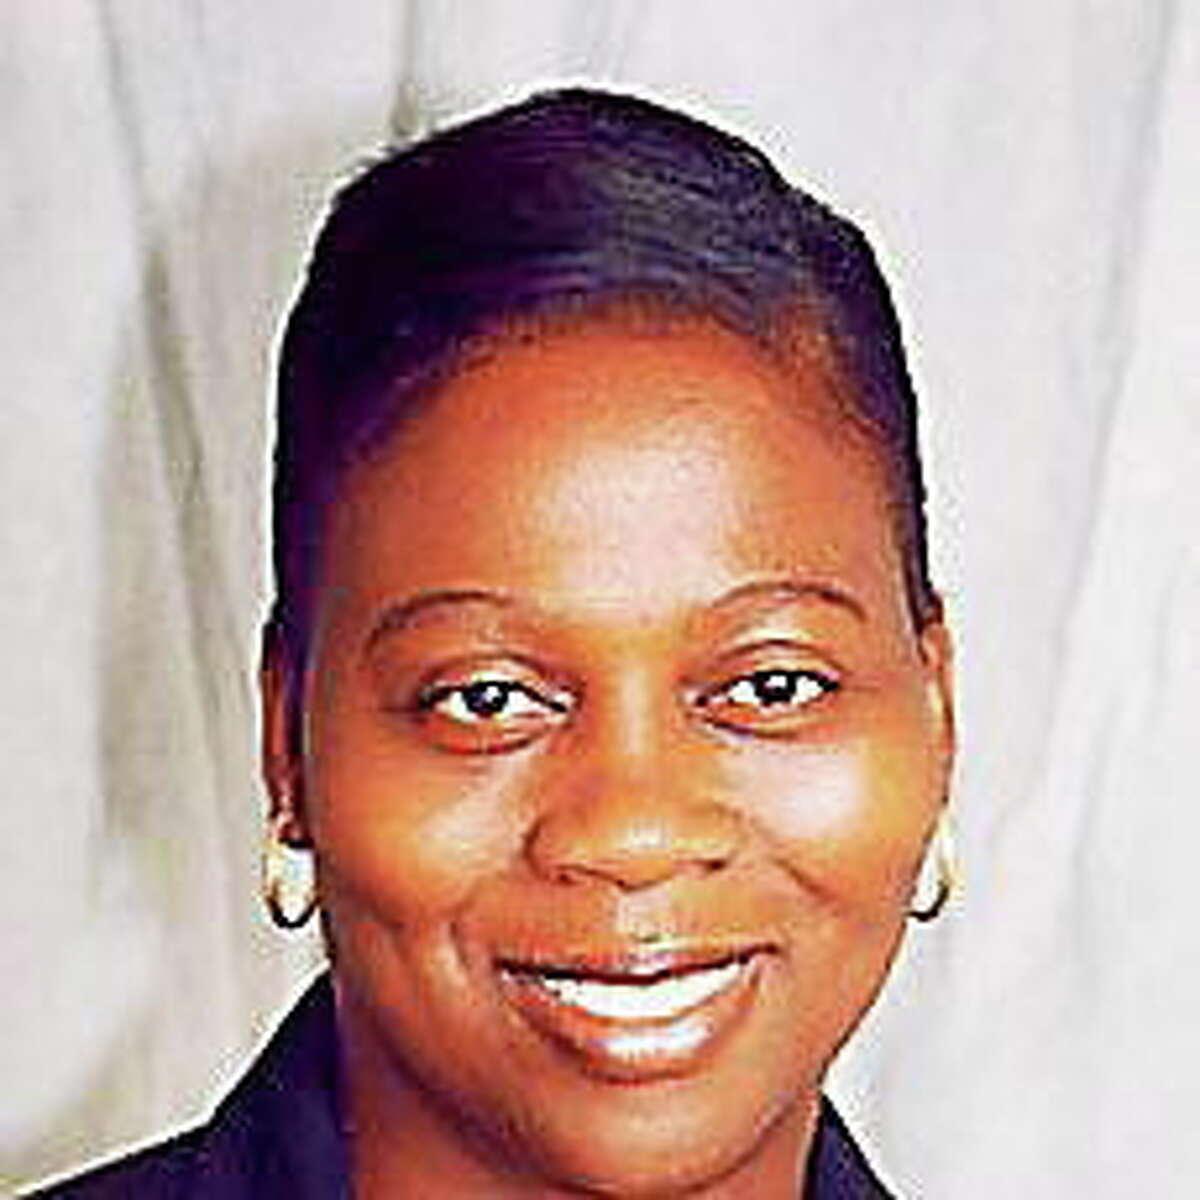 Berita Rowe-Lewis